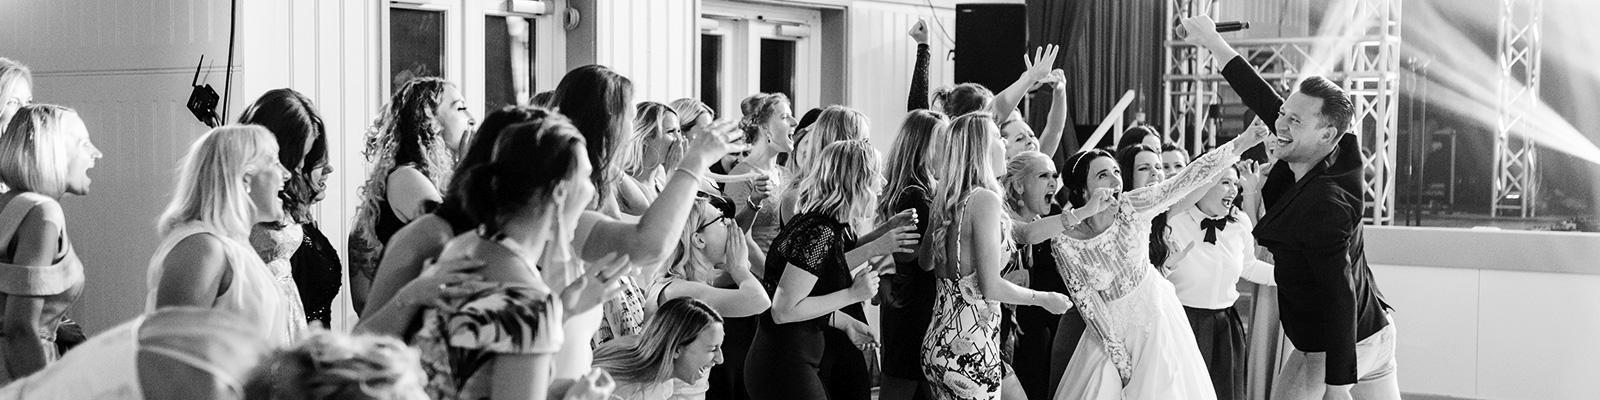 Hochzeitsmoderator-party